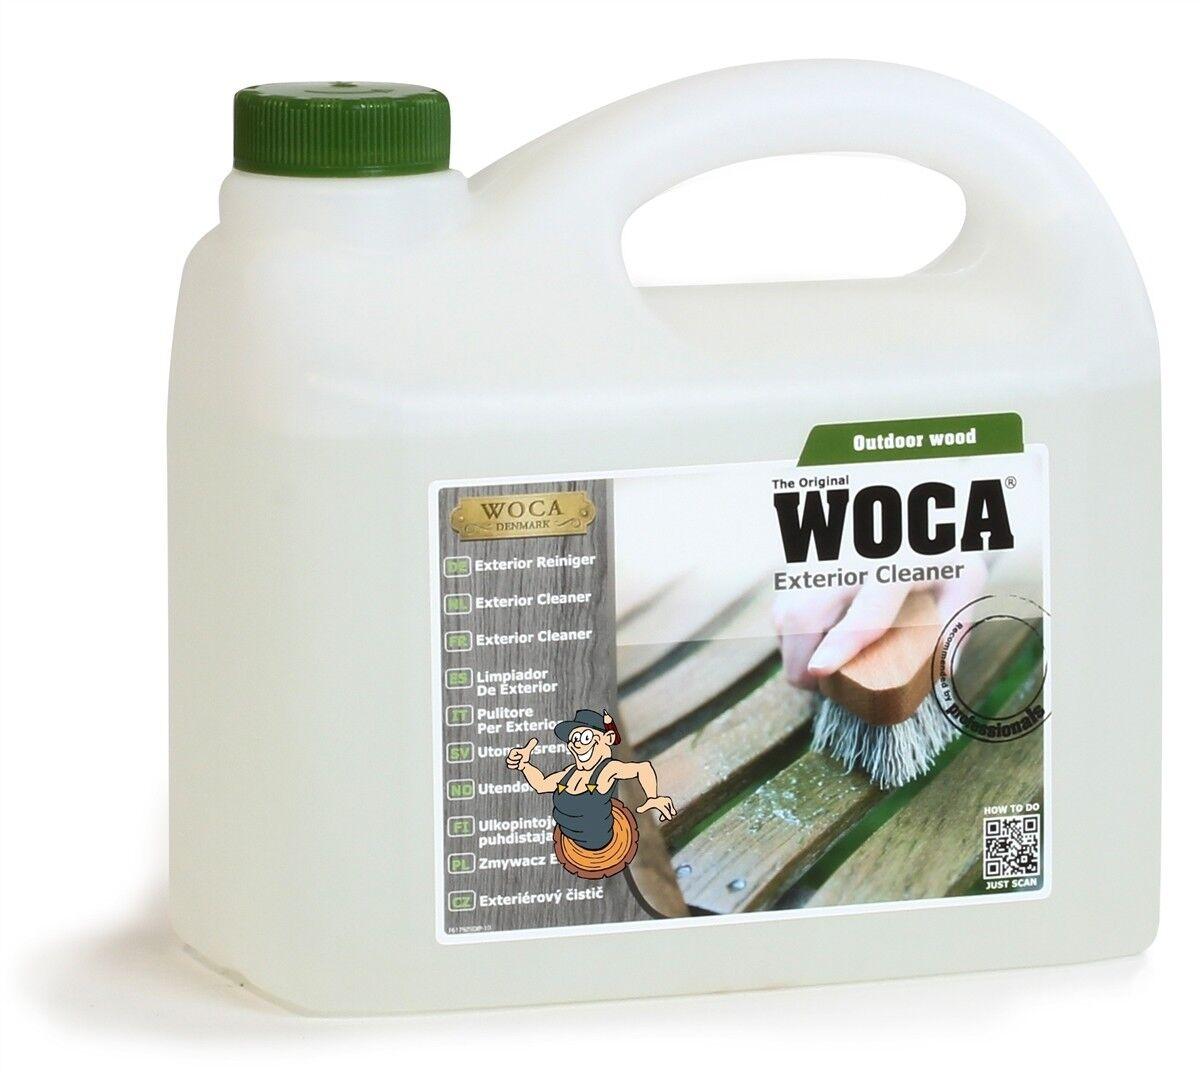 2,5L WOCA Exterior Cleaner (Außenholzreiniger)